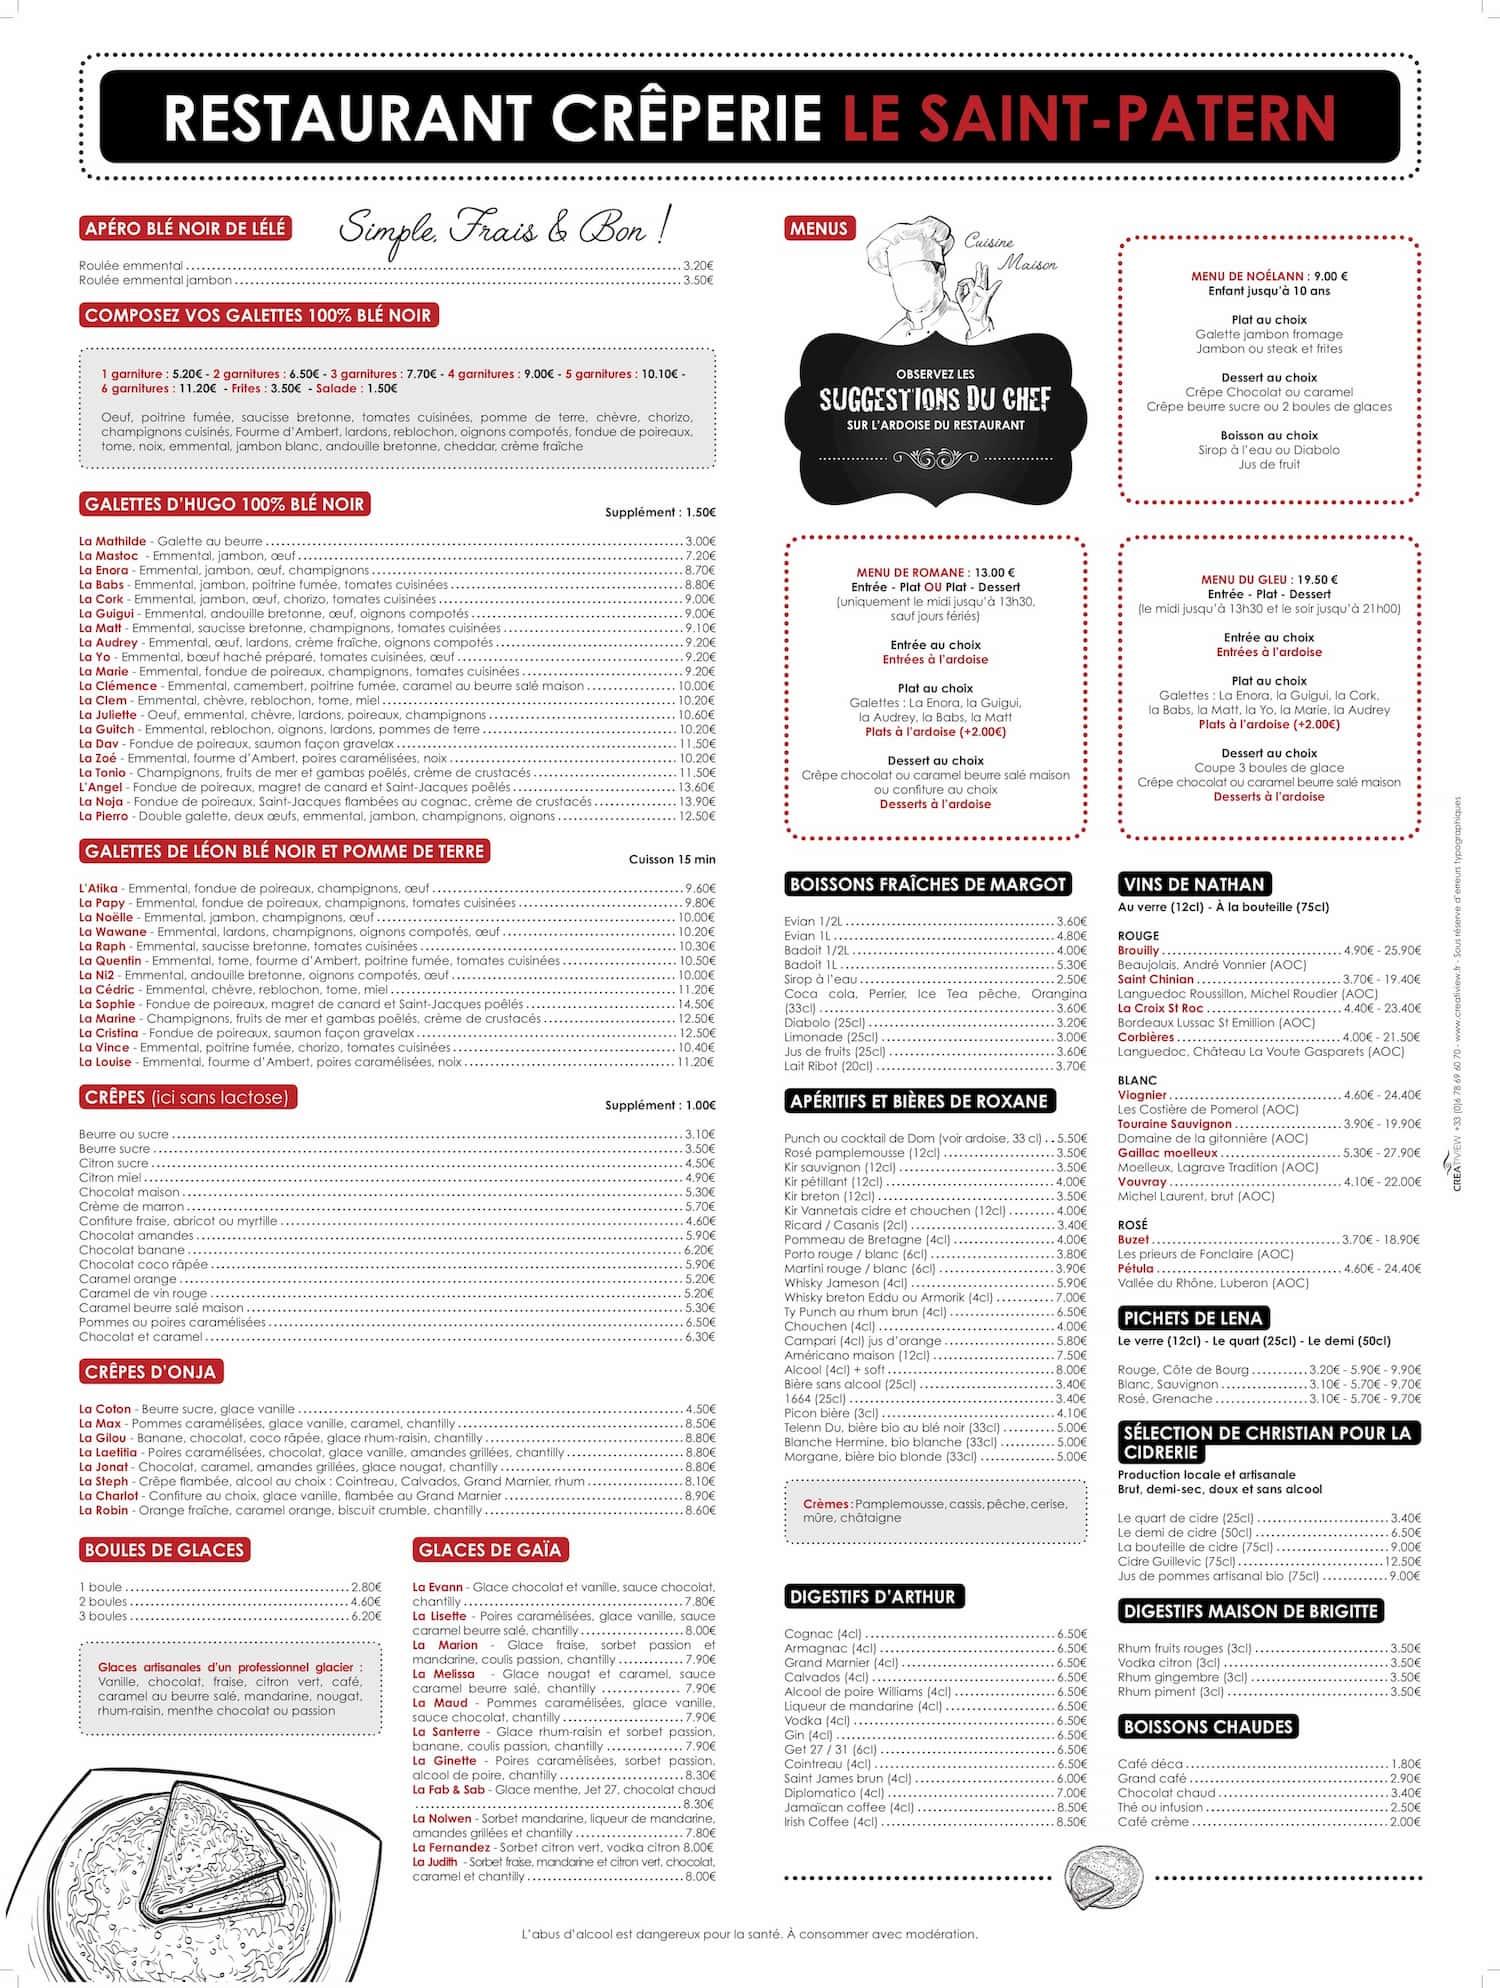 Carte de la creperie restaurant Saint Patern a Vannes